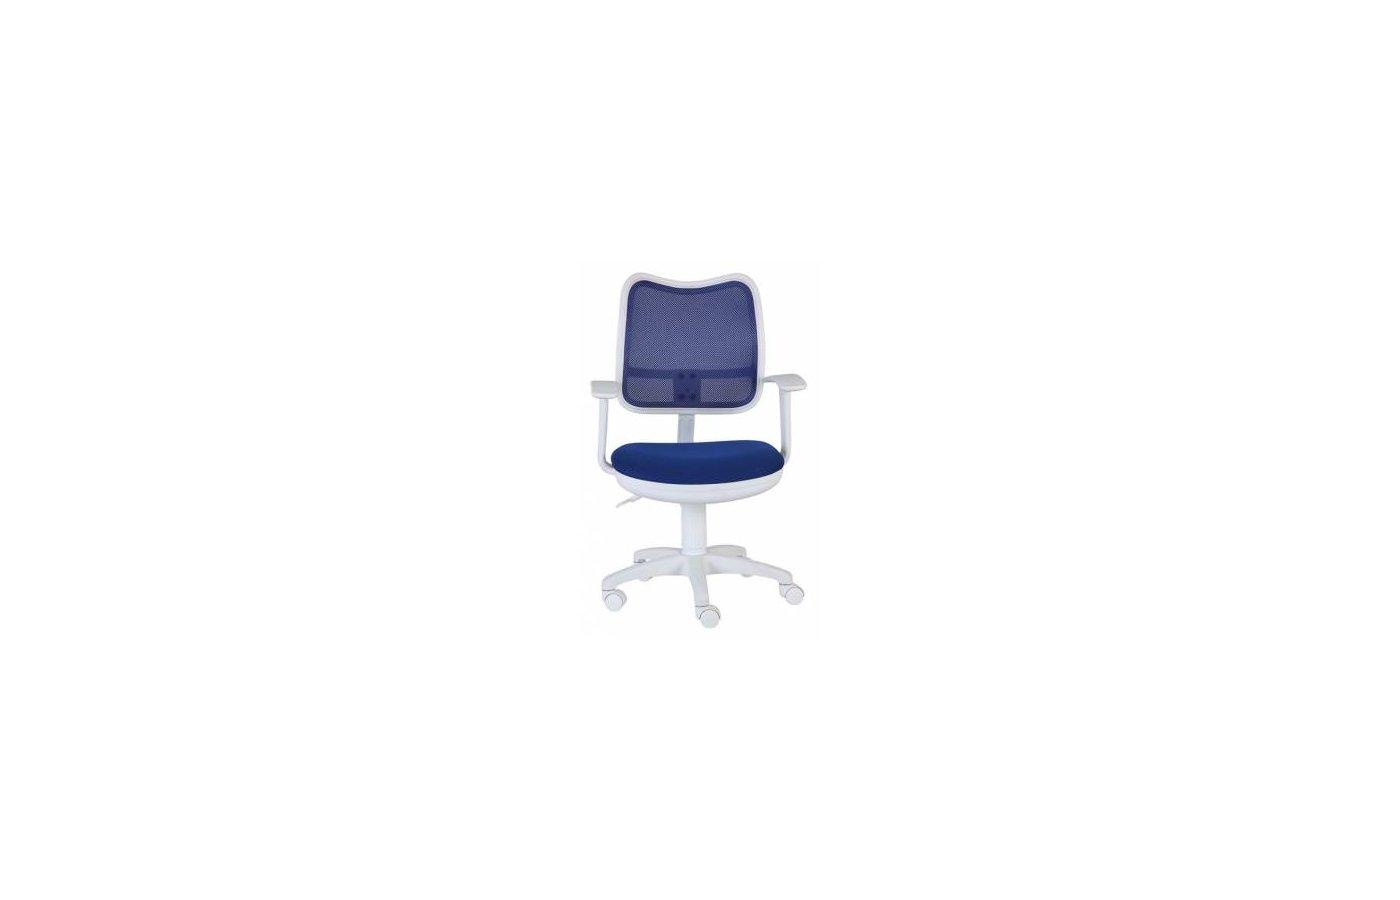 Бюрократ CH-W797/BL/TW-10 спинка сетка синий сиденье синий TW-10 (пластик белый)